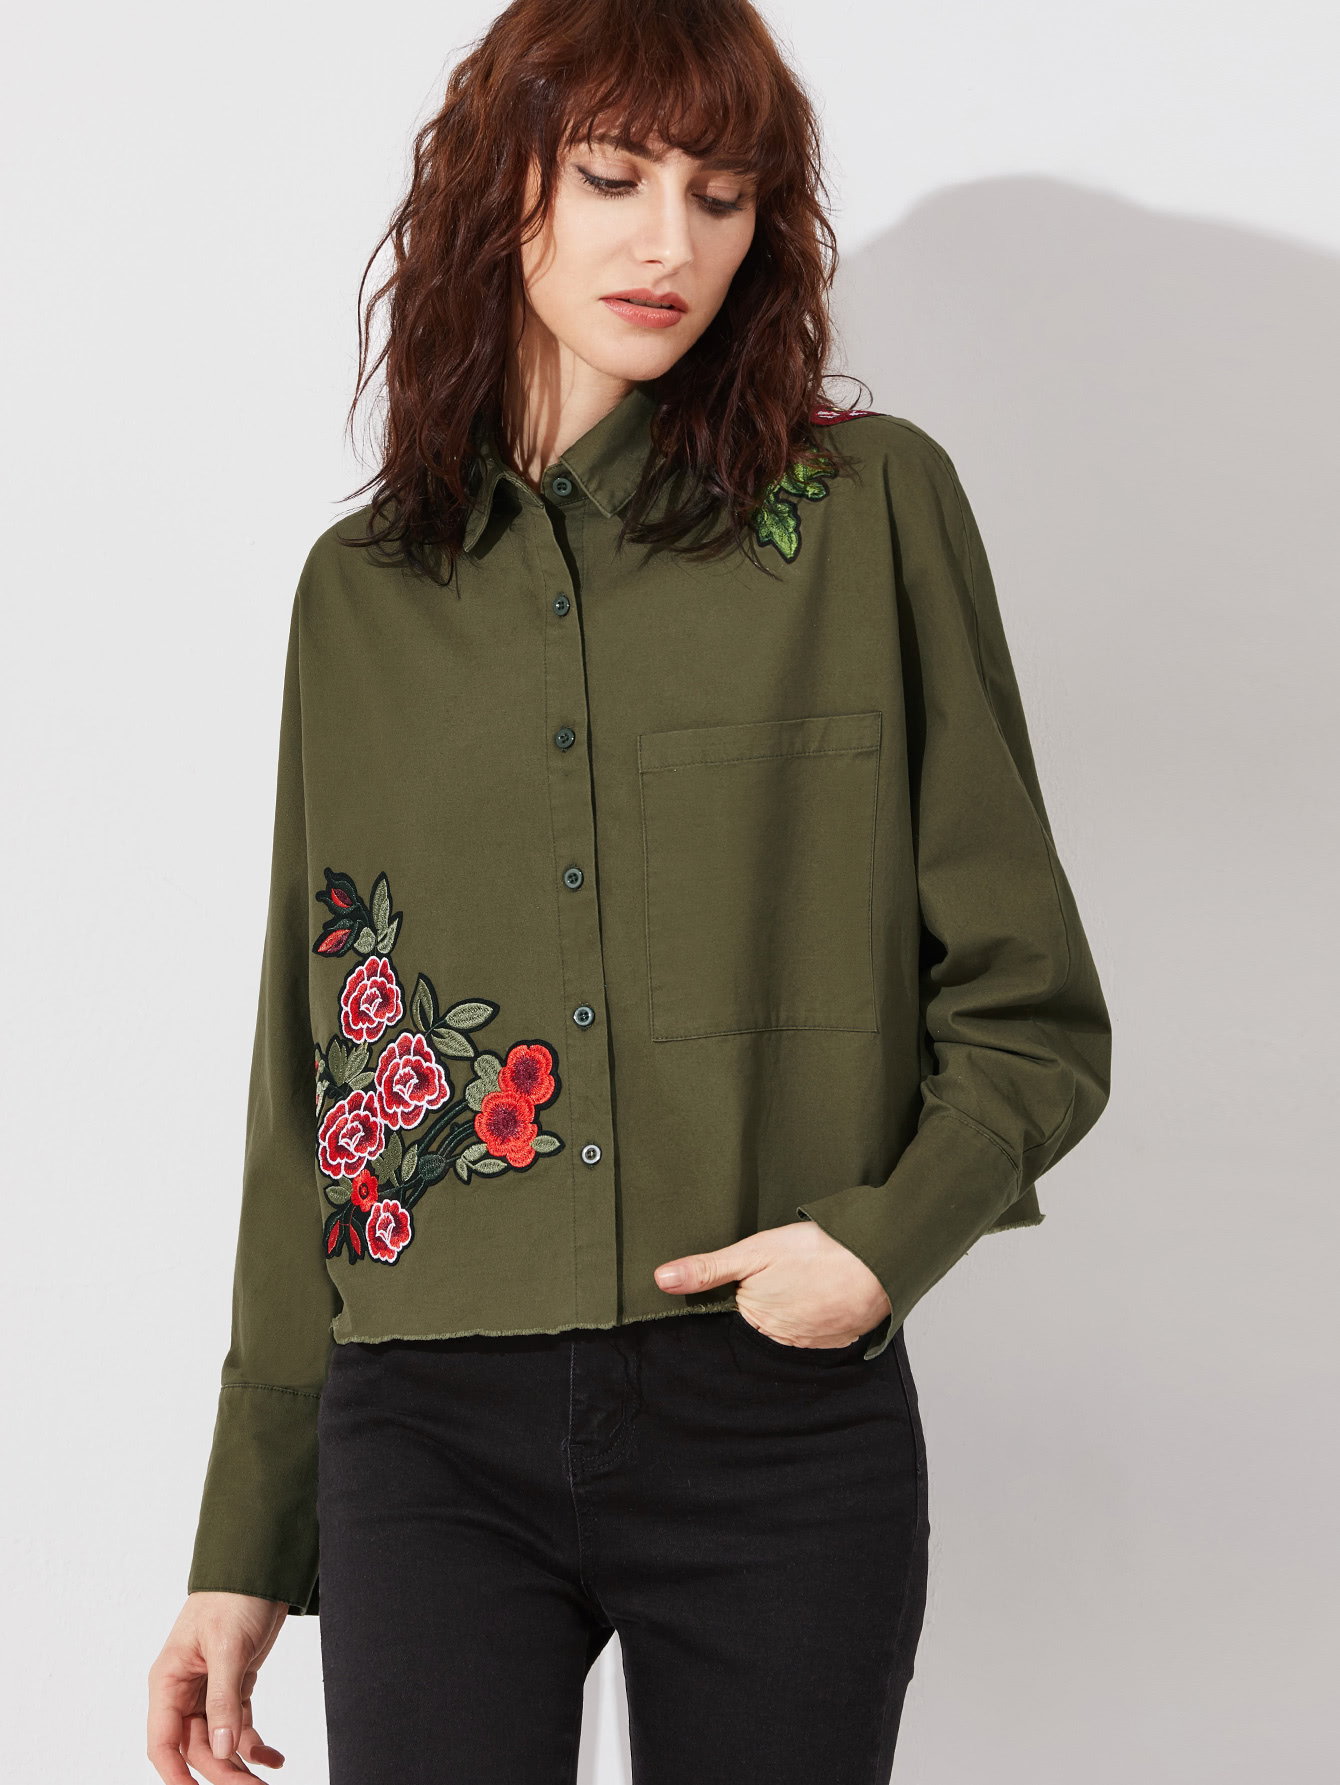 Olive Green Embroidered Flower Applique Single Pocket Raw Hem Blouse